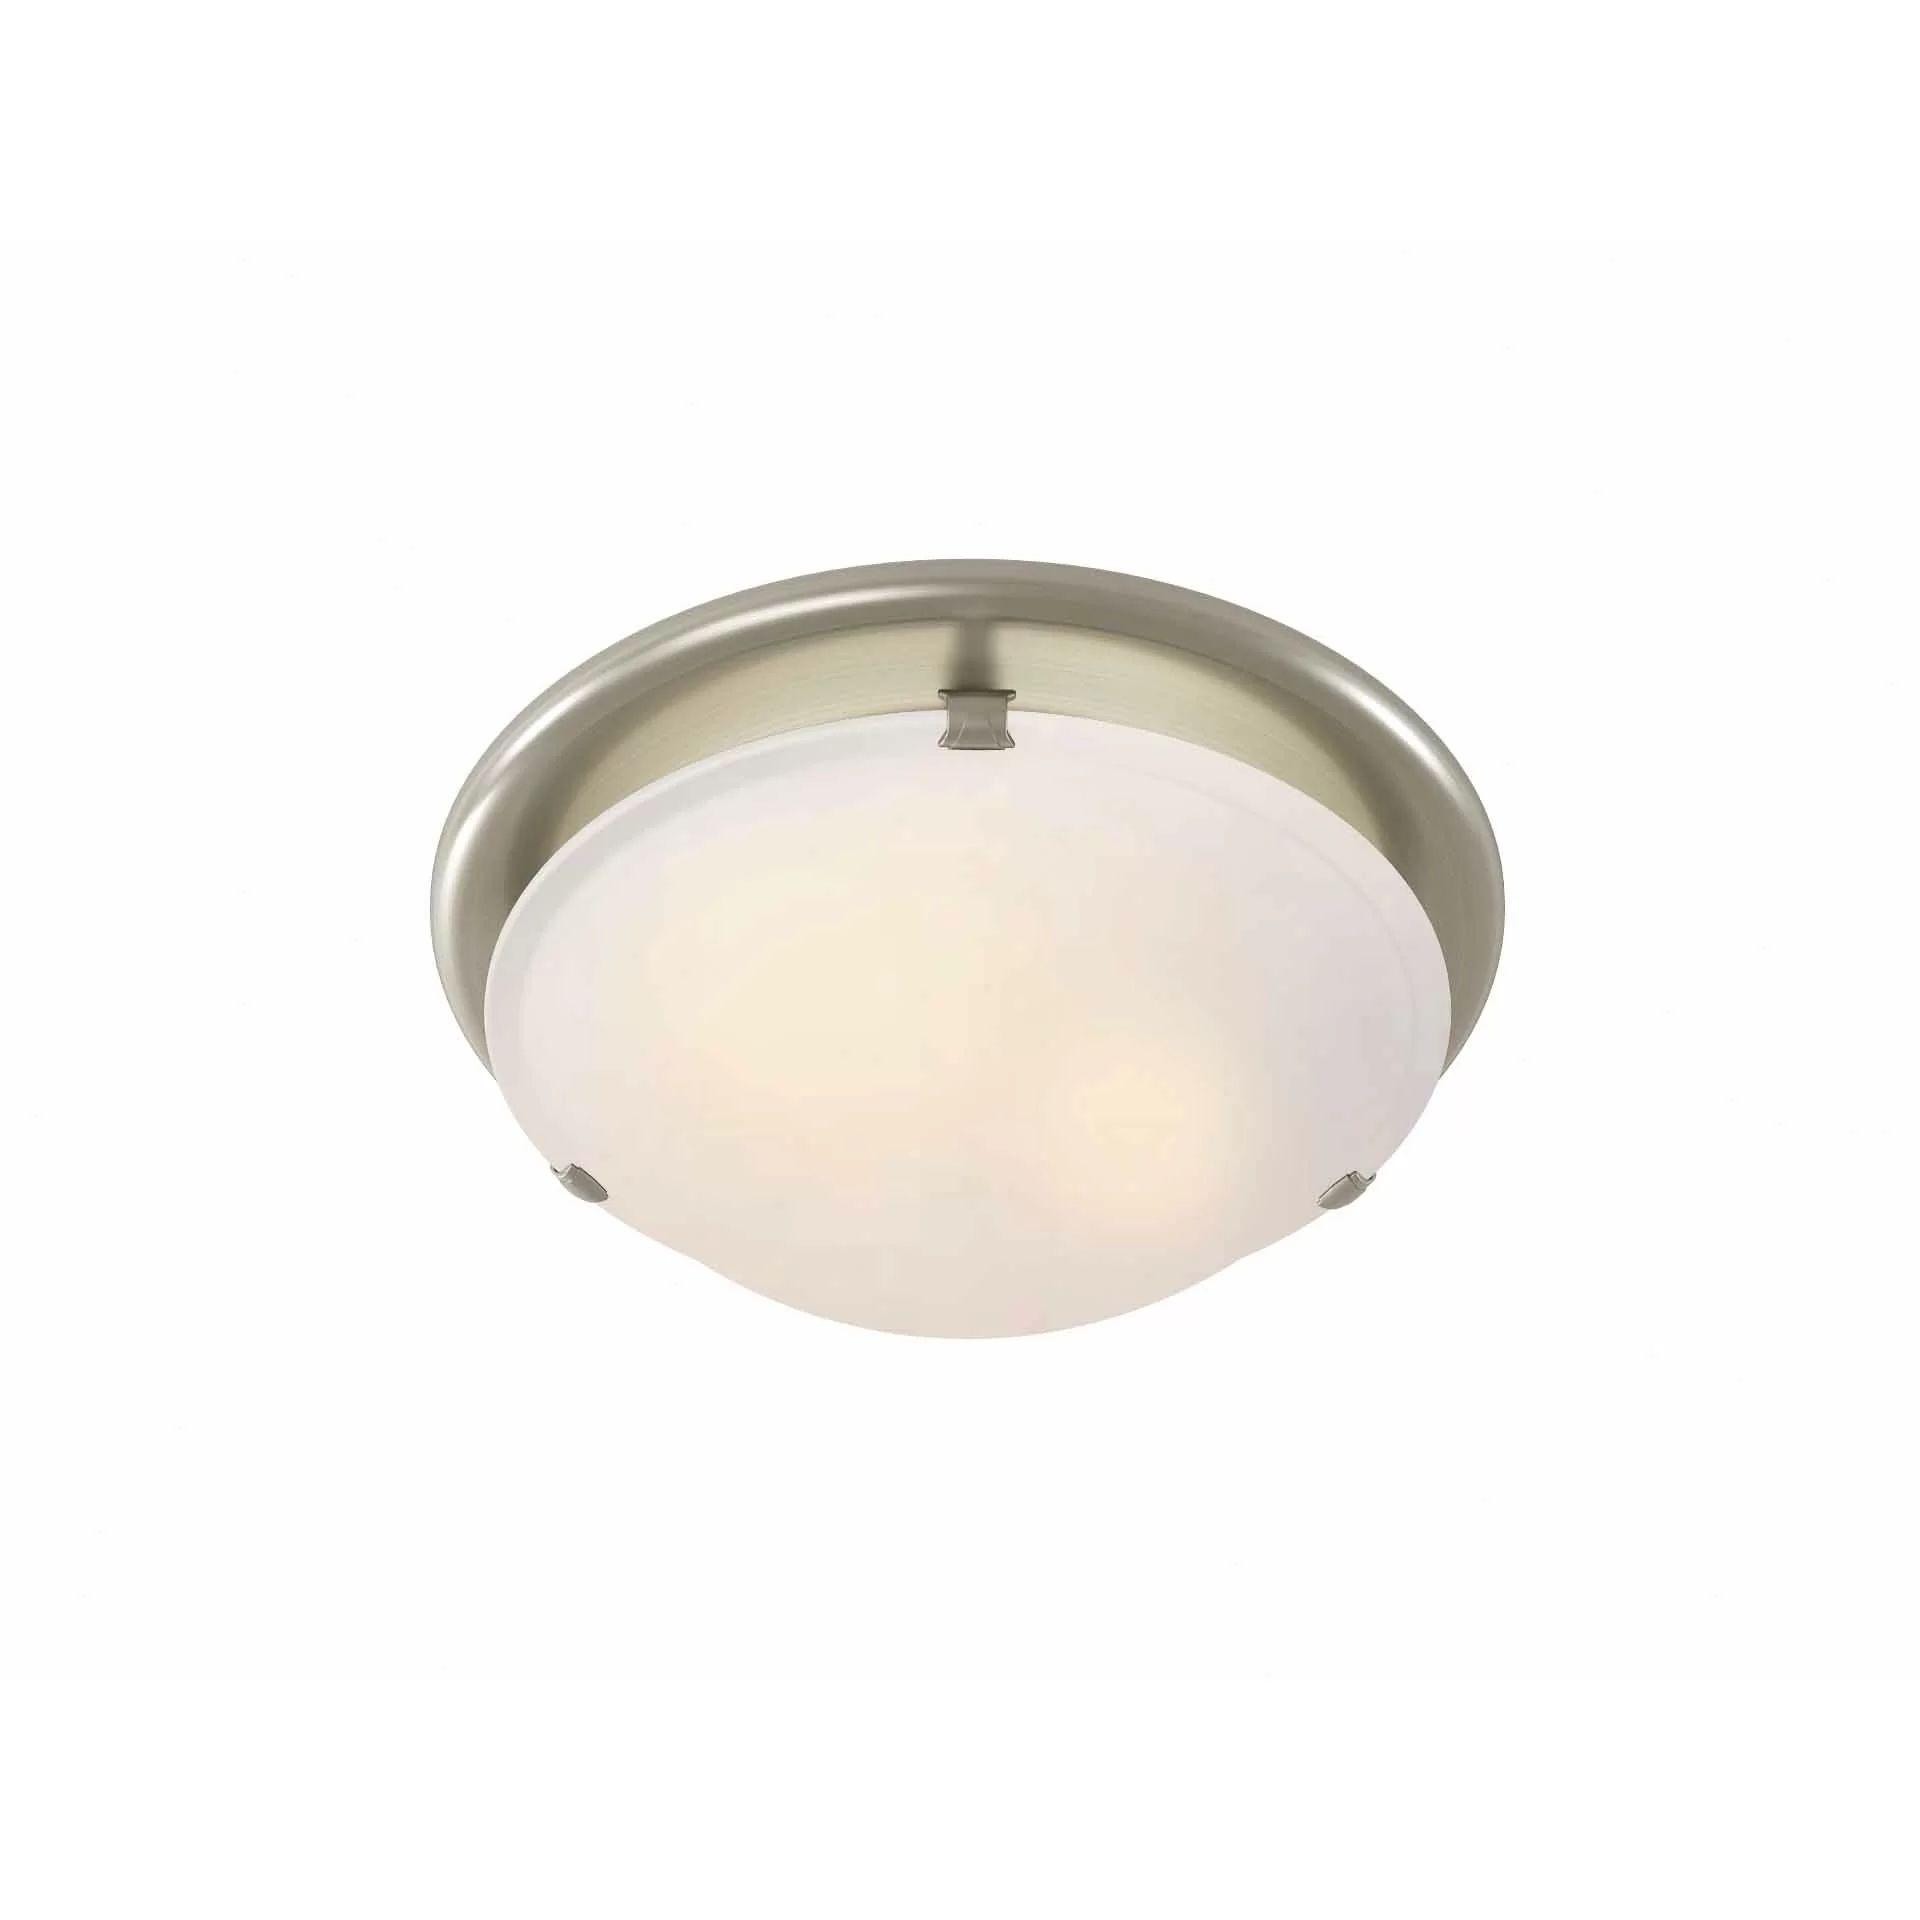 Bathroom heater lights - Bathroom Heater Lights Download Bathroom Exhaust Fan Light Heater